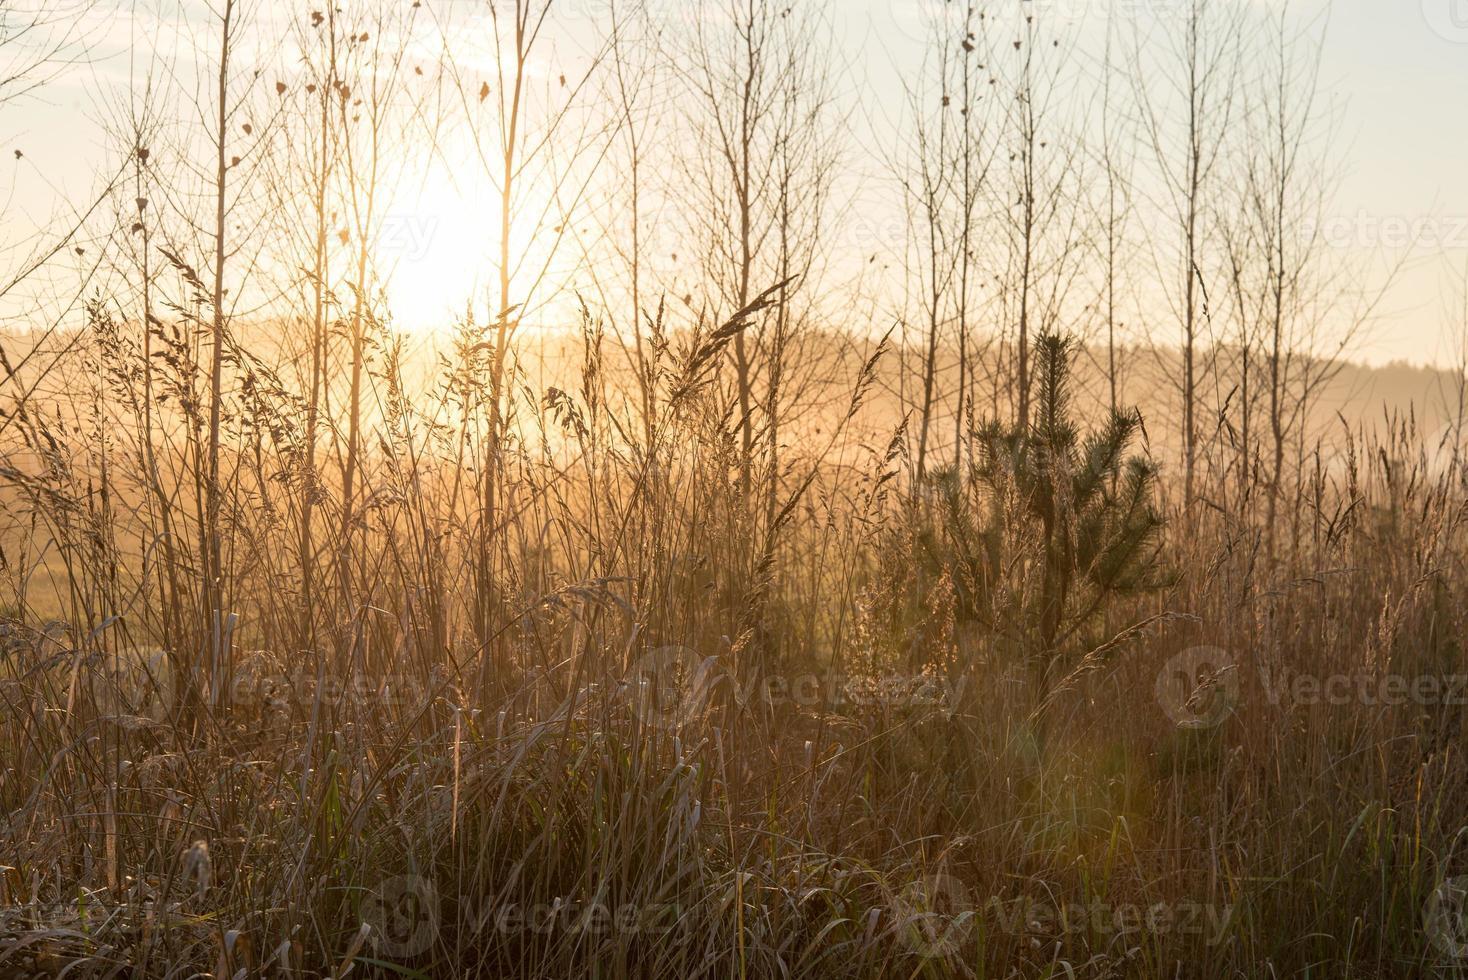 rami degli alberi nebbiosi in condizioni di luce solare intensa foto